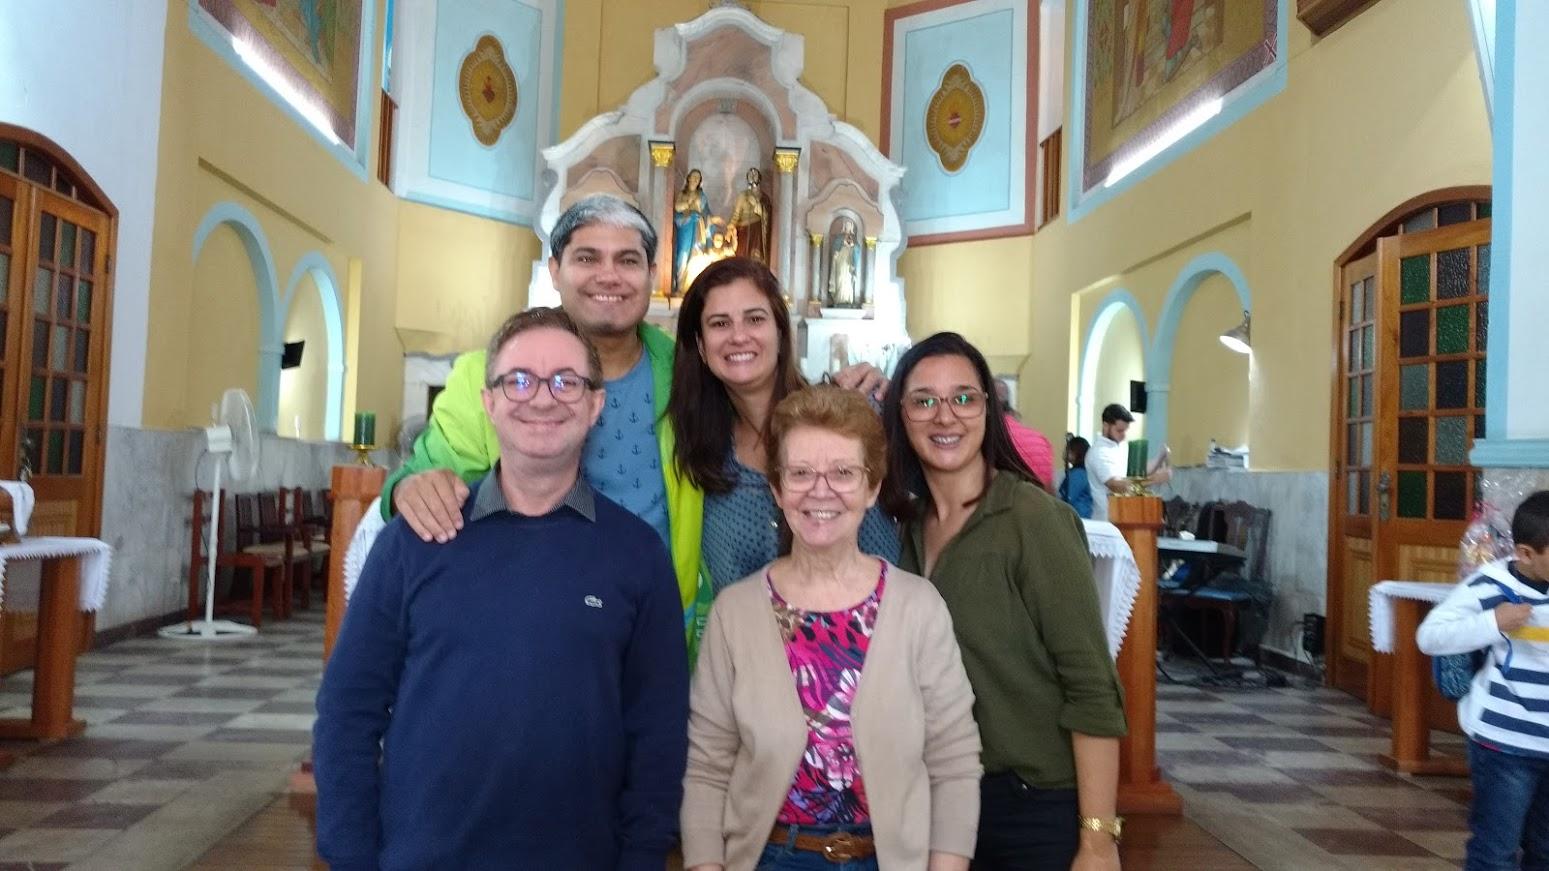 Coordenação de pastoral Regional Leste 1 (Iracema, Janise e Diego) e Coordenação de Intérpretes (Paula e Cesar) presentes na Visita Missionária - 27/08/17